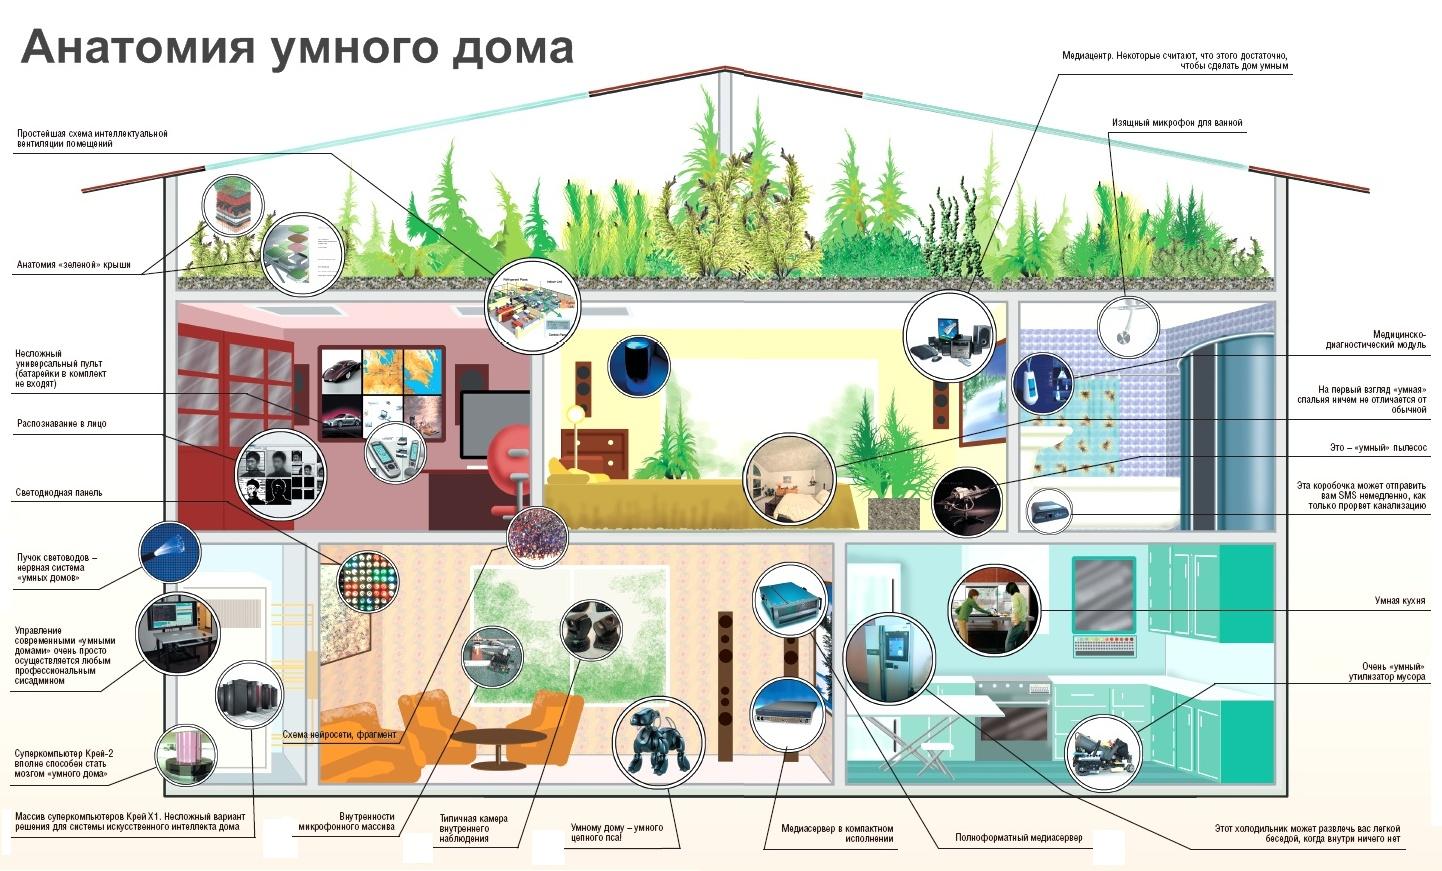 Комплексная система умный дом: концепция построения, разновидности систем умный дом, виды управления, состав систем